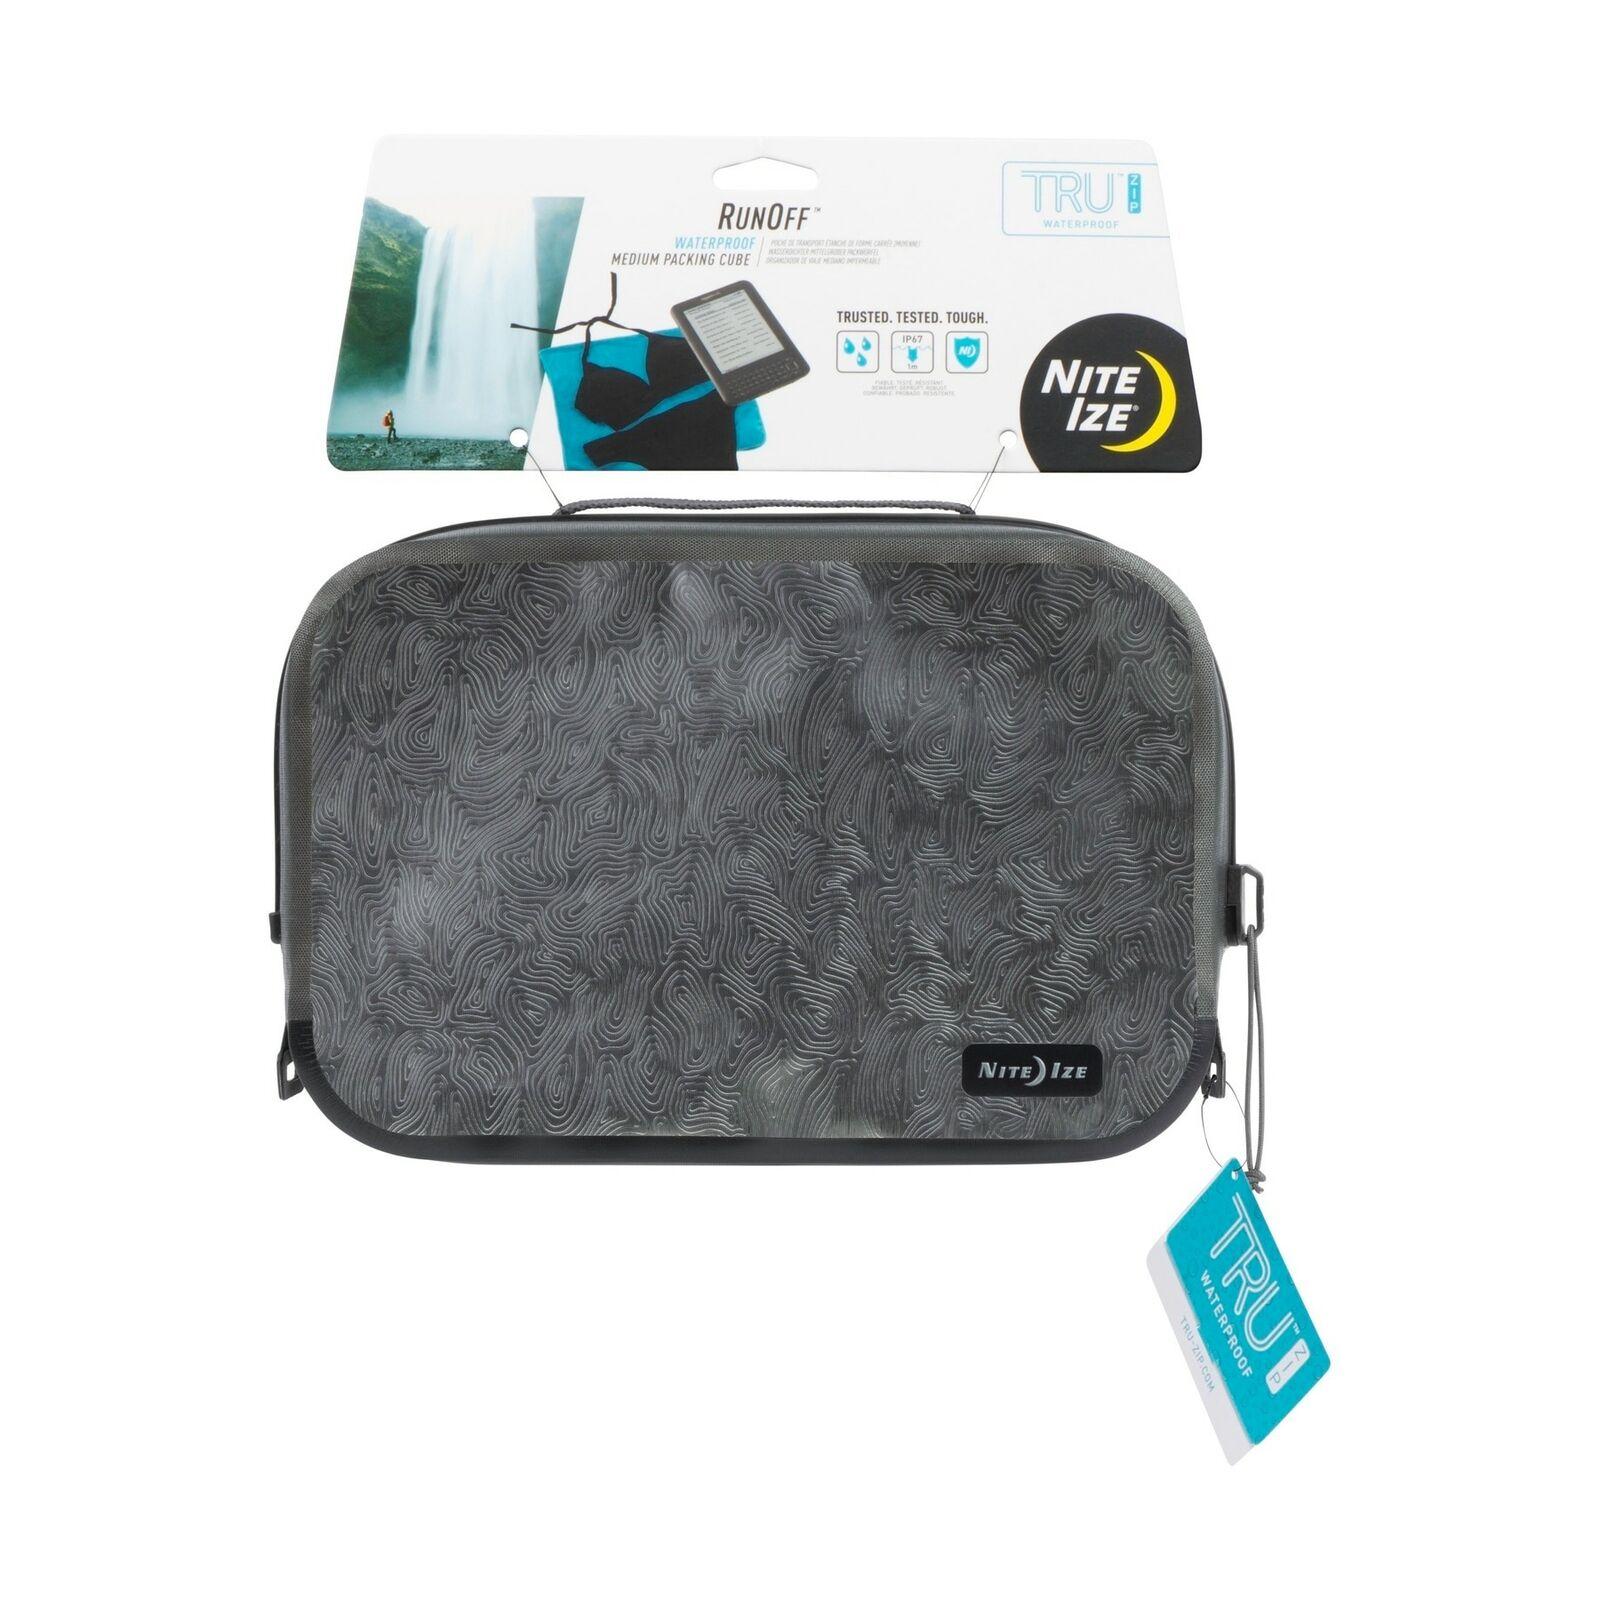 Nite Ize escorrentía Waterpoof Medio De Embalaje cubo de Compresión Bolsa De Viaje (3 paquetes)